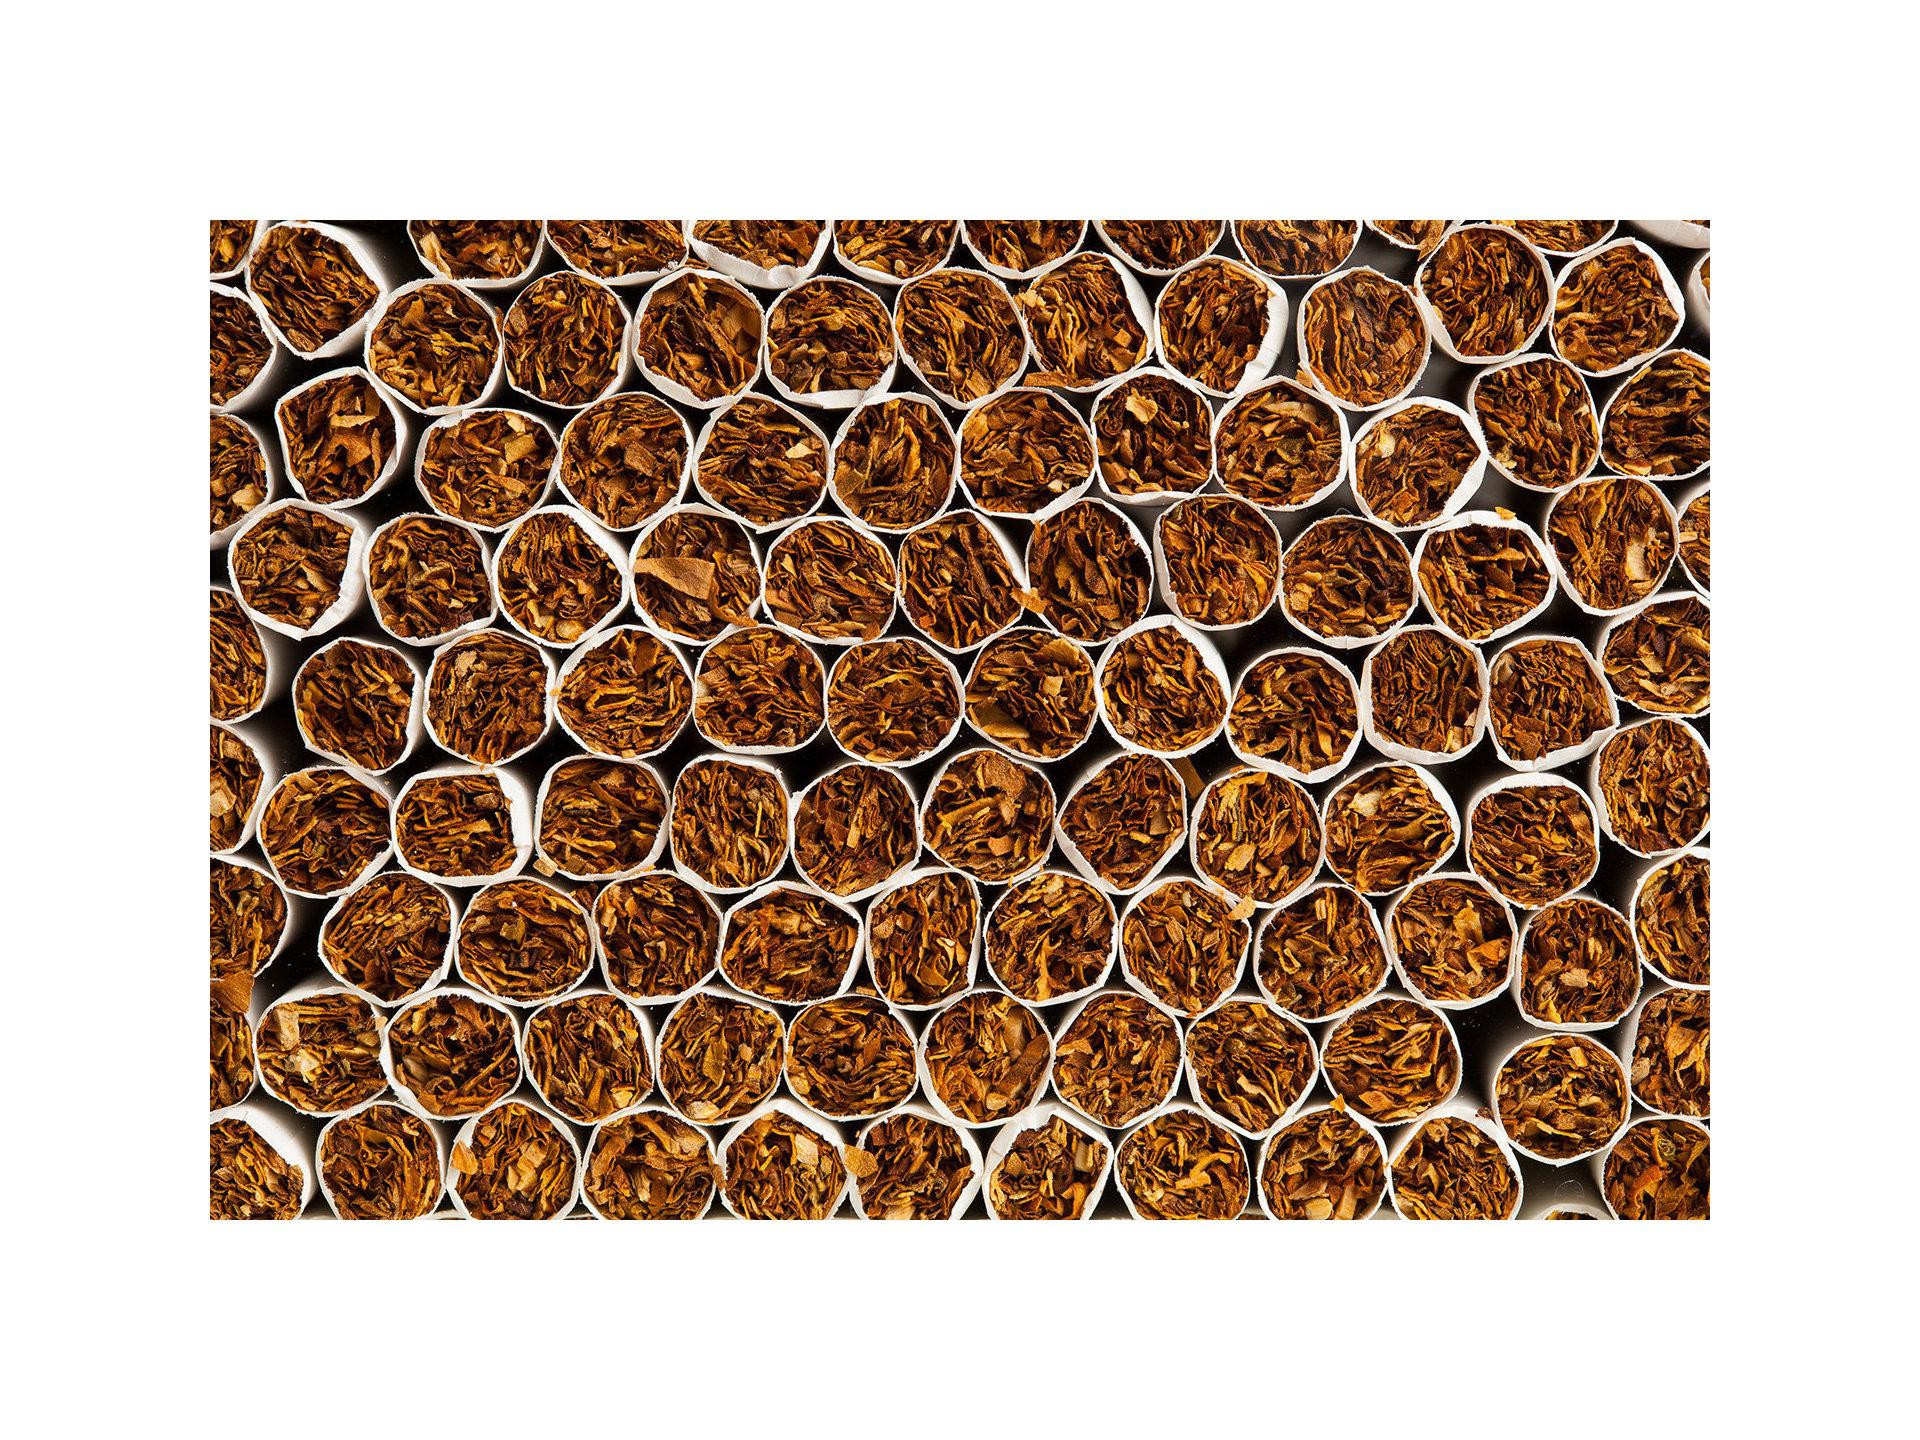 табак табачные изделия предназначенные для потребления путем нагревания